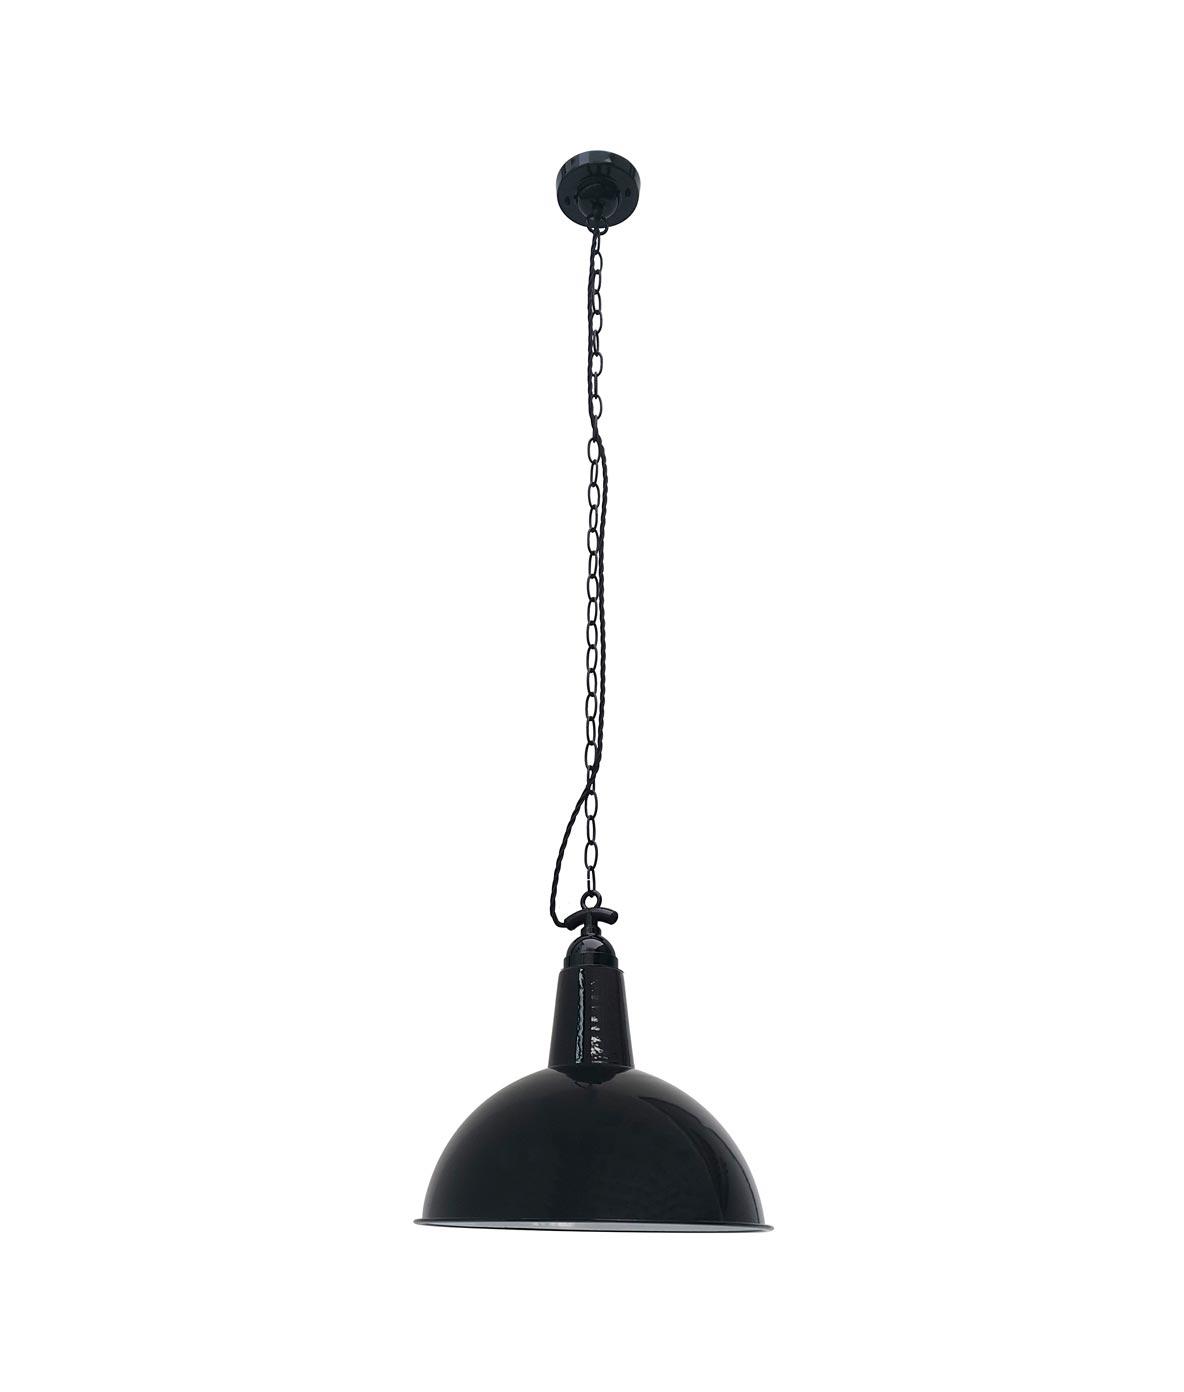 L mparas de techo retro negra lou la casa de la l mpara - La casa de las lamparas barcelona ...